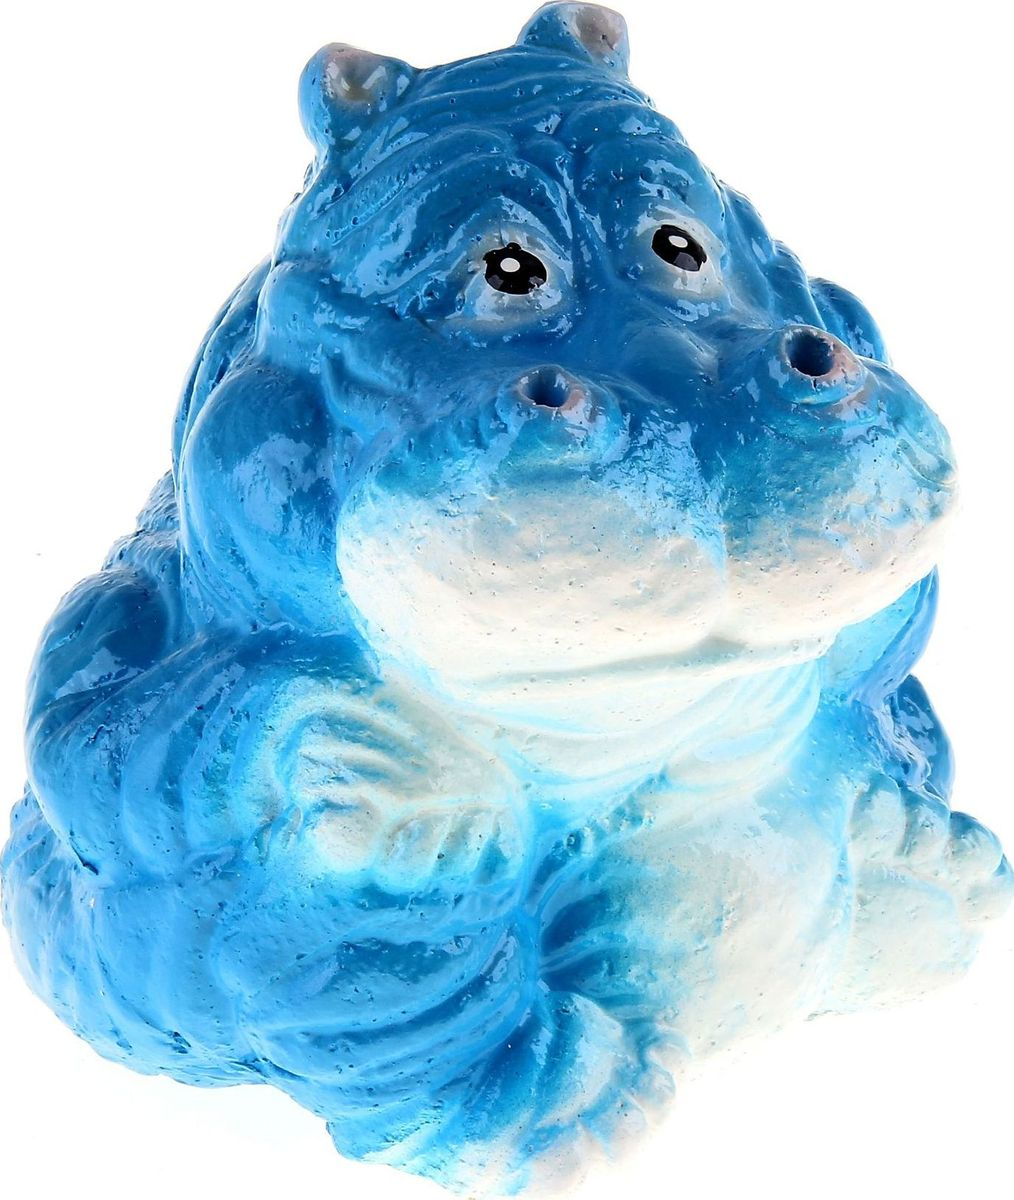 Копилка Бегемот, цвет: белый, синий, 14 х 14 х 16 см332508Копилка — универсальный вариант подарка любому человеку, ведь каждый из нас мечтает о какой-то дорогостоящей вещи и откладывает или собирается откладывать деньги на её приобретение. Вместительная копилка станет прекрасным хранителем сбережений и украшением интерьера. Она выглядит так ярко и эффектно, что проходя мимо, обязательно захочется забросить пару монет.